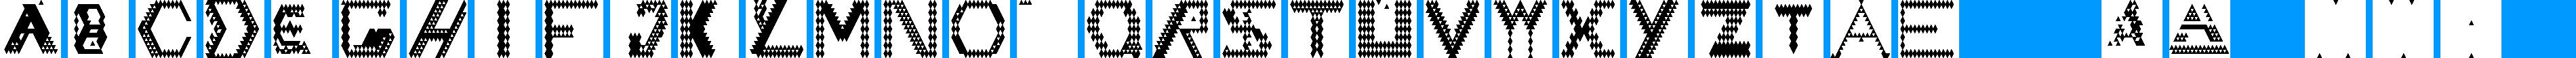 Particip-a-type v.196